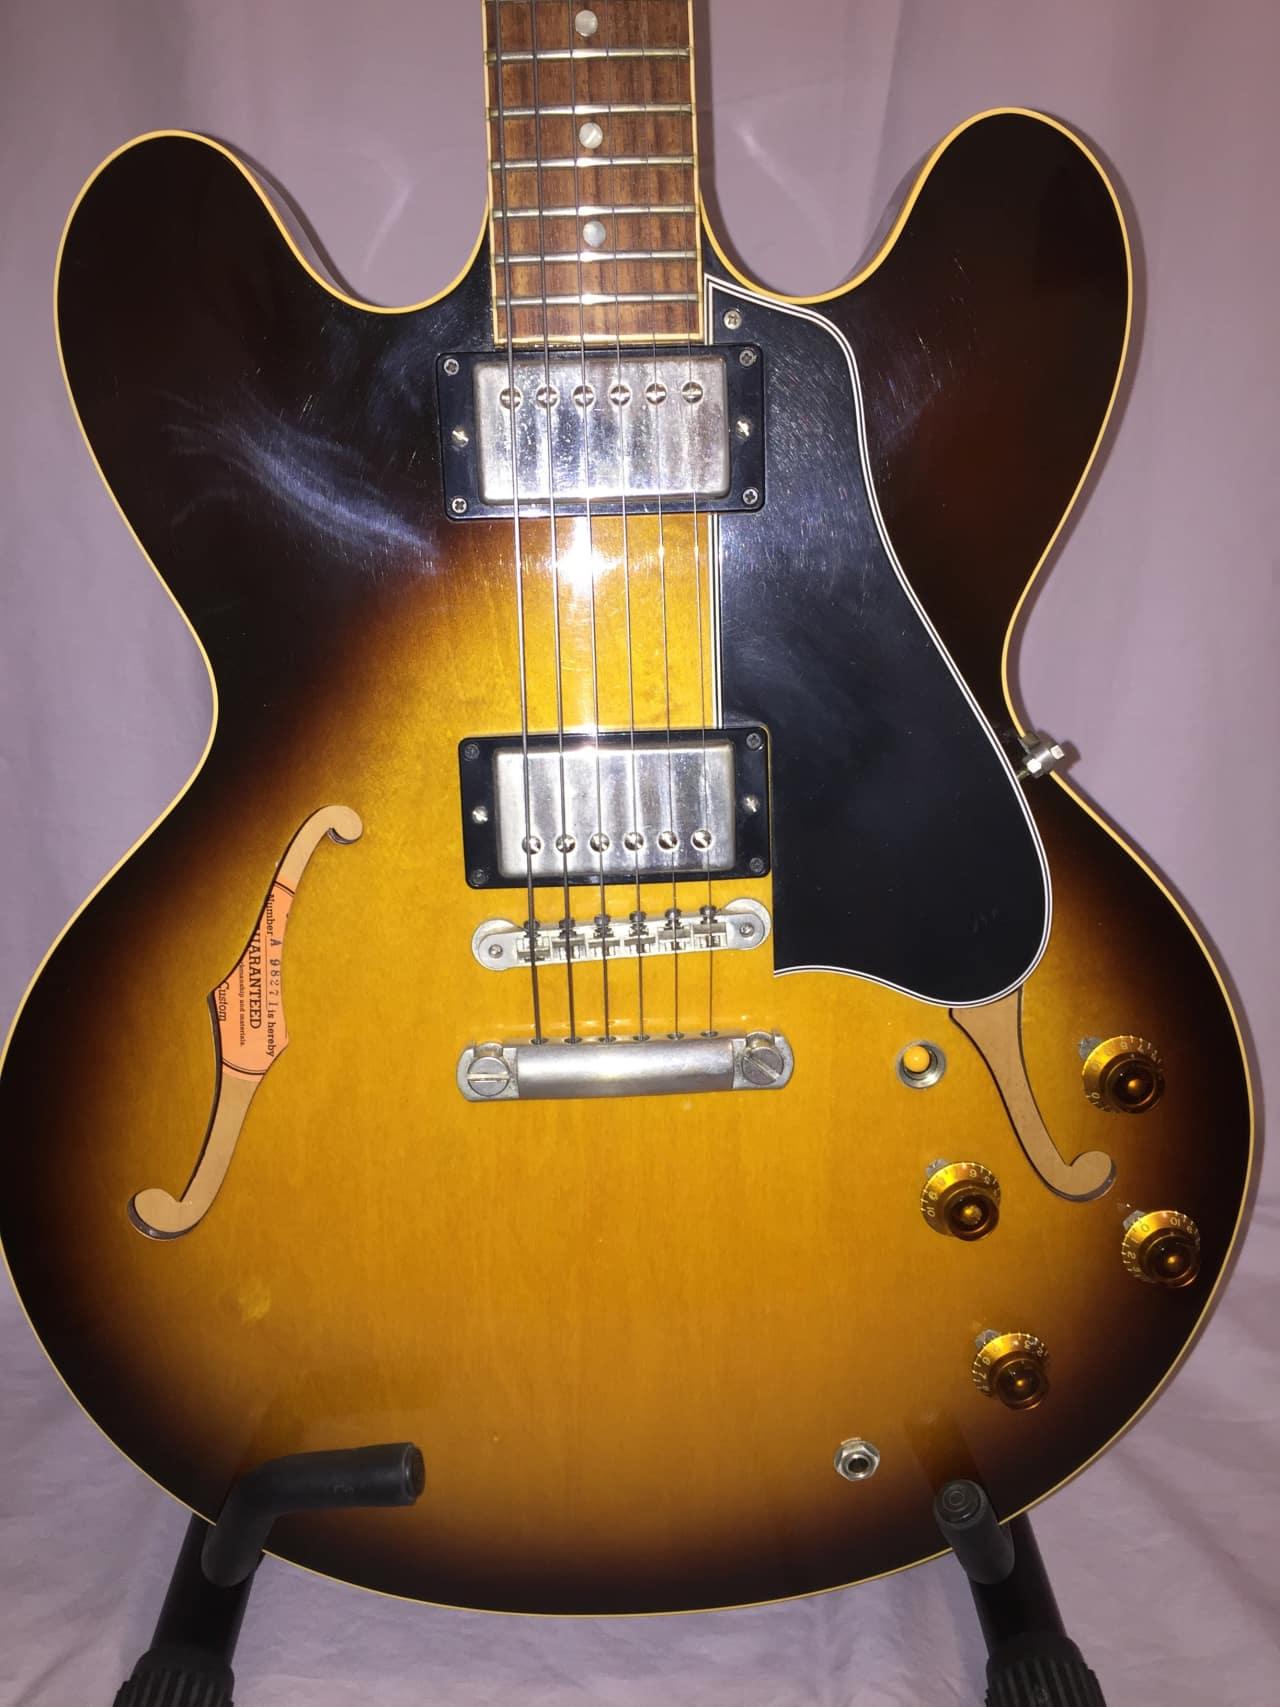 gibson custom shop nashville 1959 es 335 electric guitar reverb. Black Bedroom Furniture Sets. Home Design Ideas